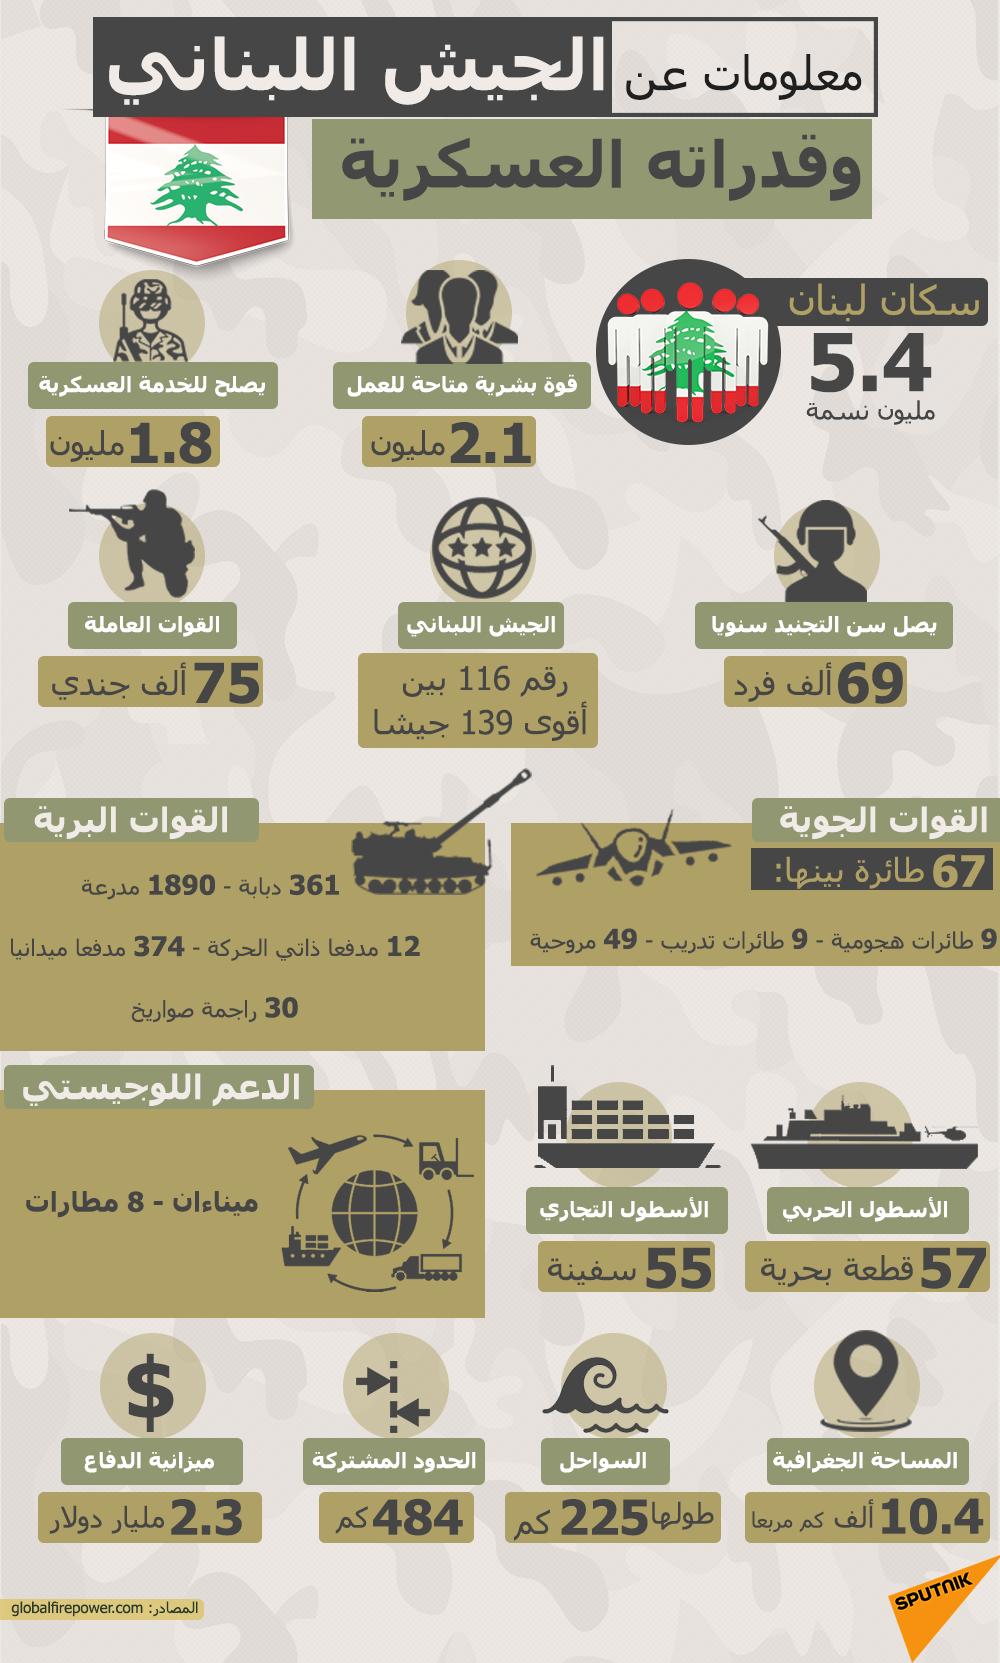 إنفوجرافيك... معلومات عن قدرات الجيش اللبناني